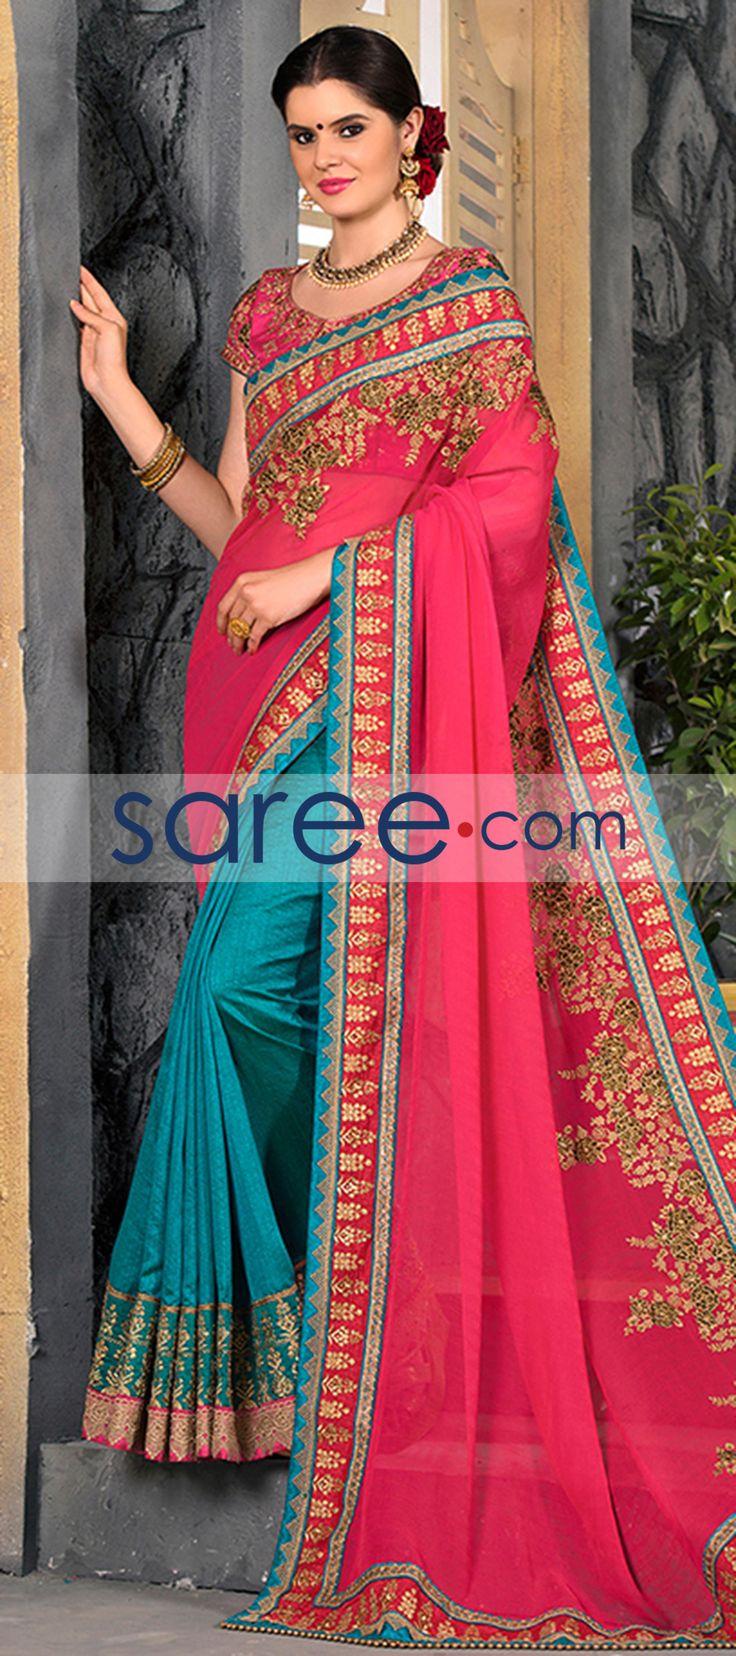 PINK AND SEA GREEN CHIFFON SAREE WITH EMBROIDERY WORK  #Saree #GeorgetteSarees #IndianSaree #Sarees #PartywearSarees #DesignerSarees #SareeFashion